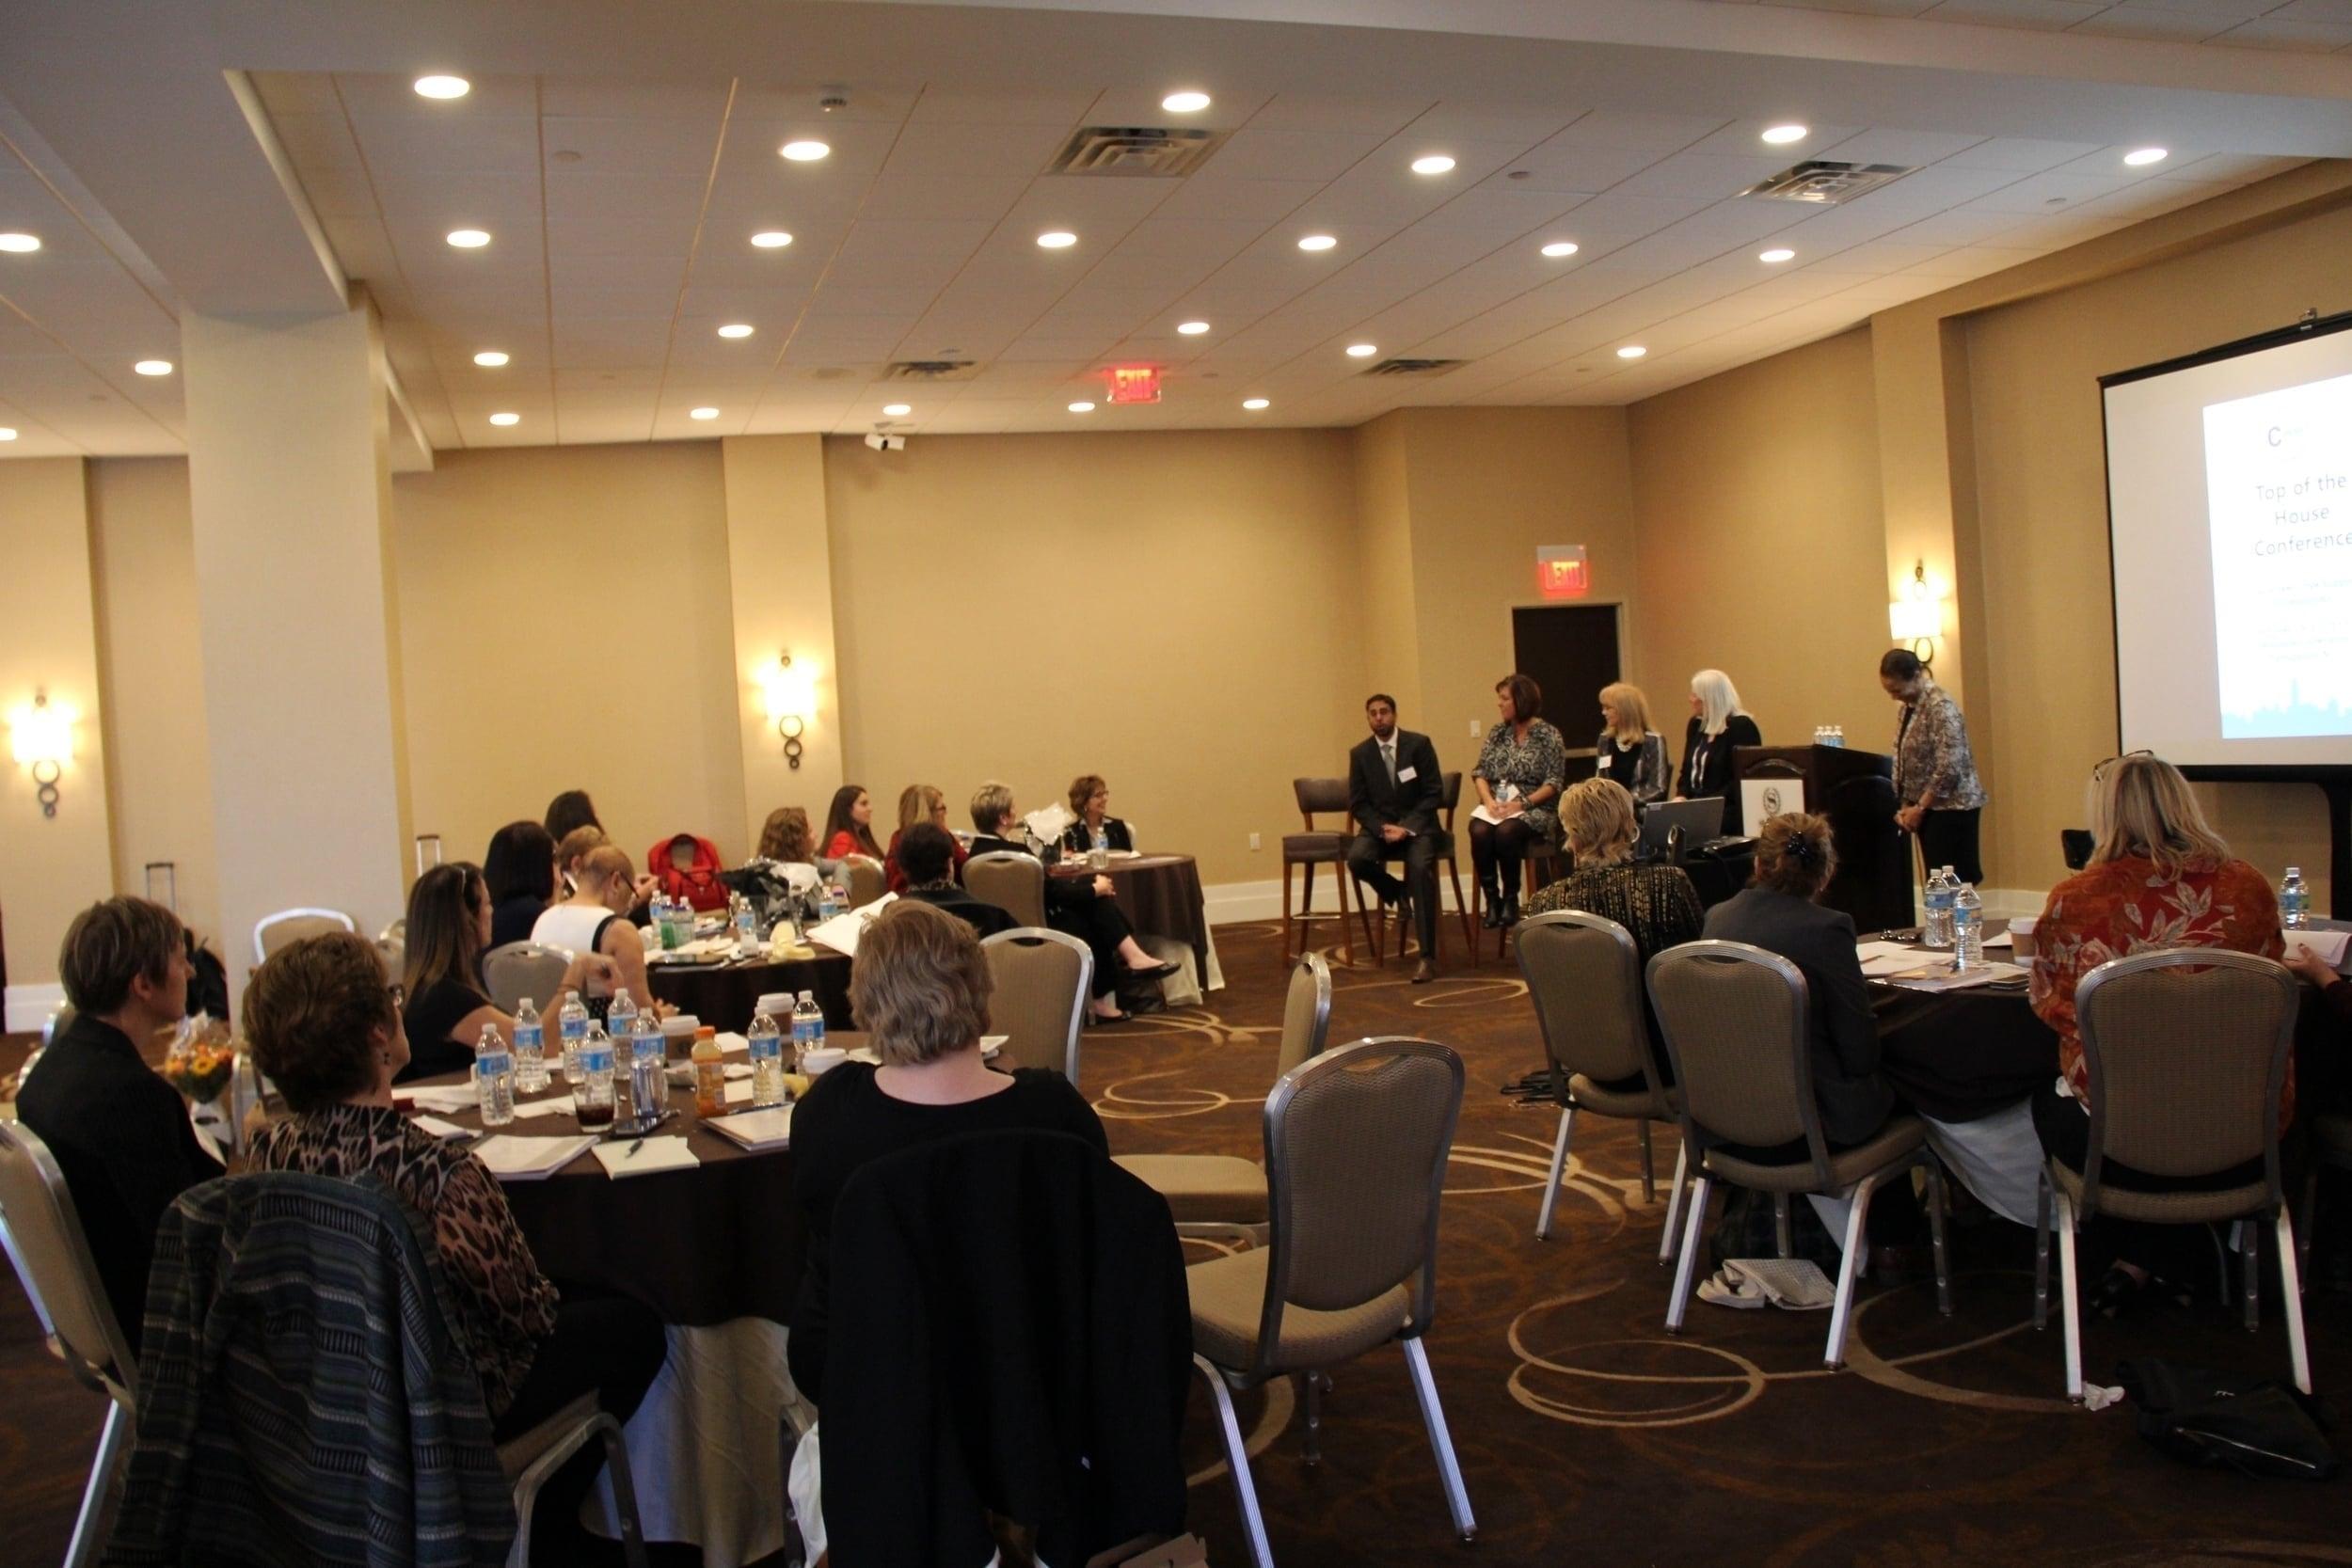 EA Panel   Melba Duncan, Moderator  Lucy Brazier, Participant  Noreen Denihan, Participant  Karen Lewis, Participant  Al-Husein Madhany, Participant